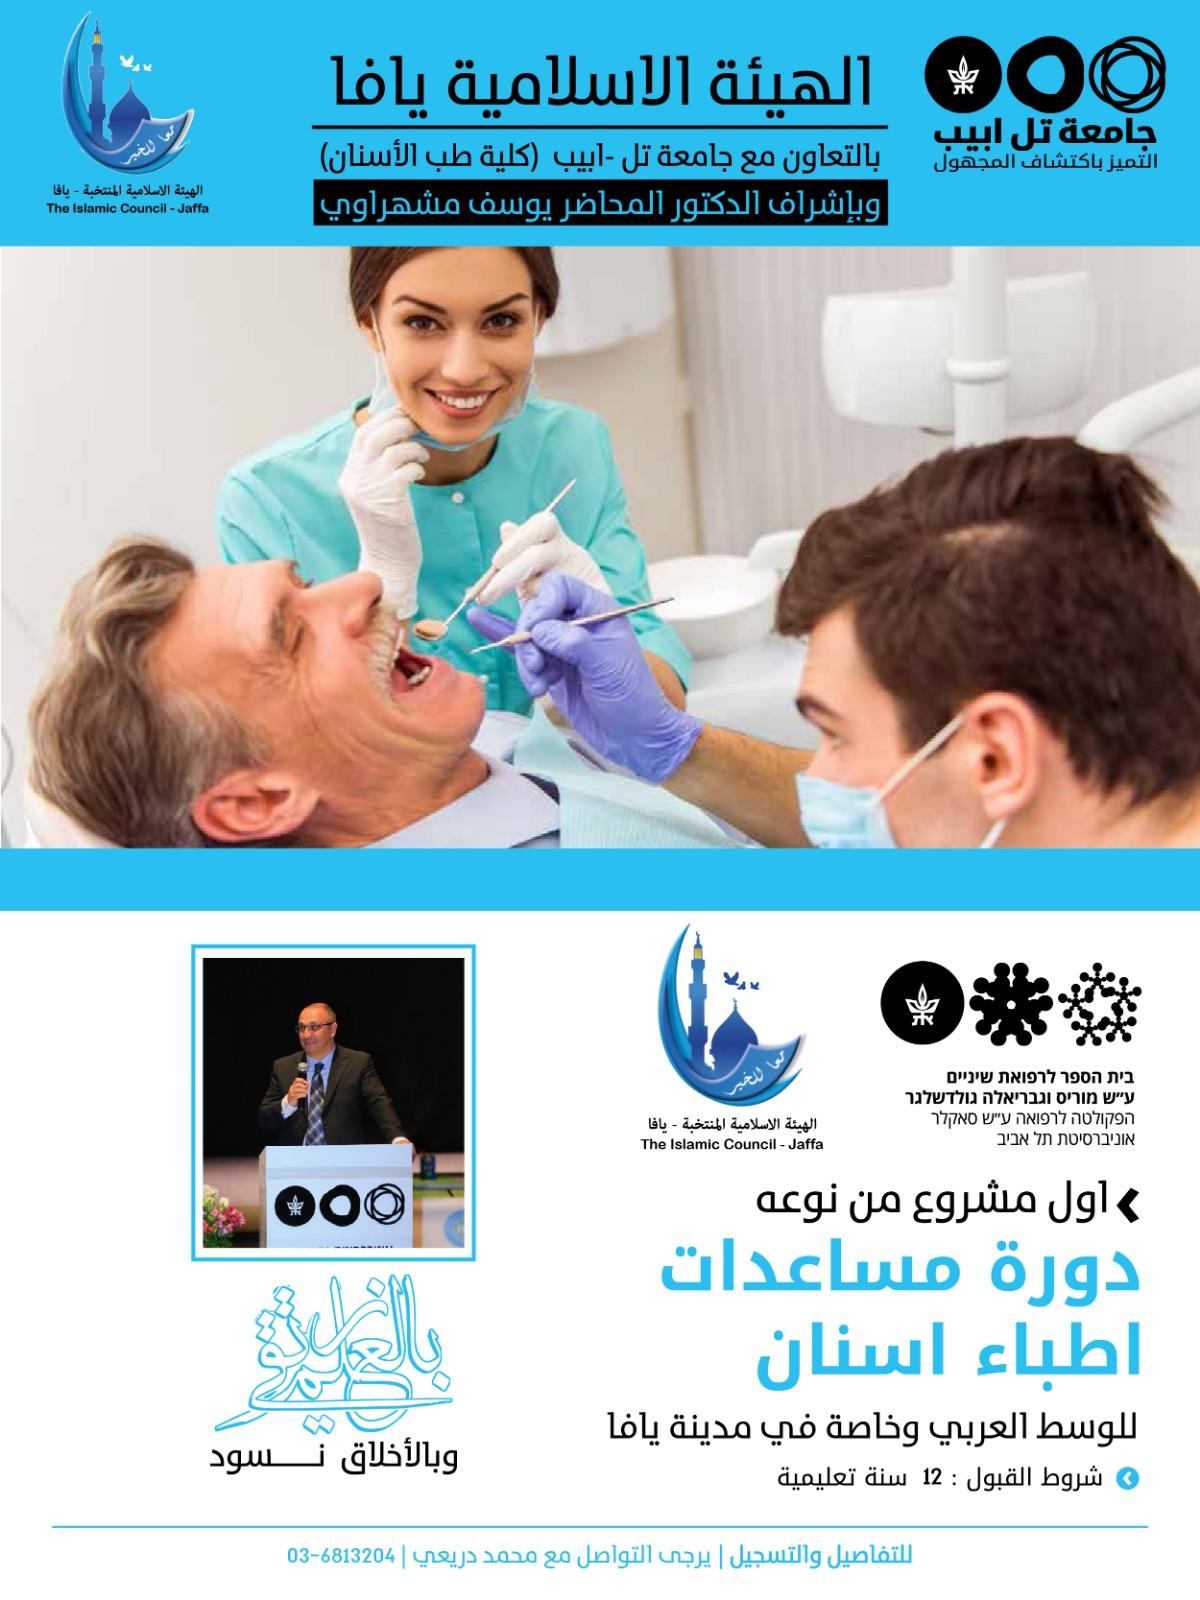 الهيئة الاسلامية: إفتتاح مشروع تعليمي لمهنة مساعدات طبيب أسنان